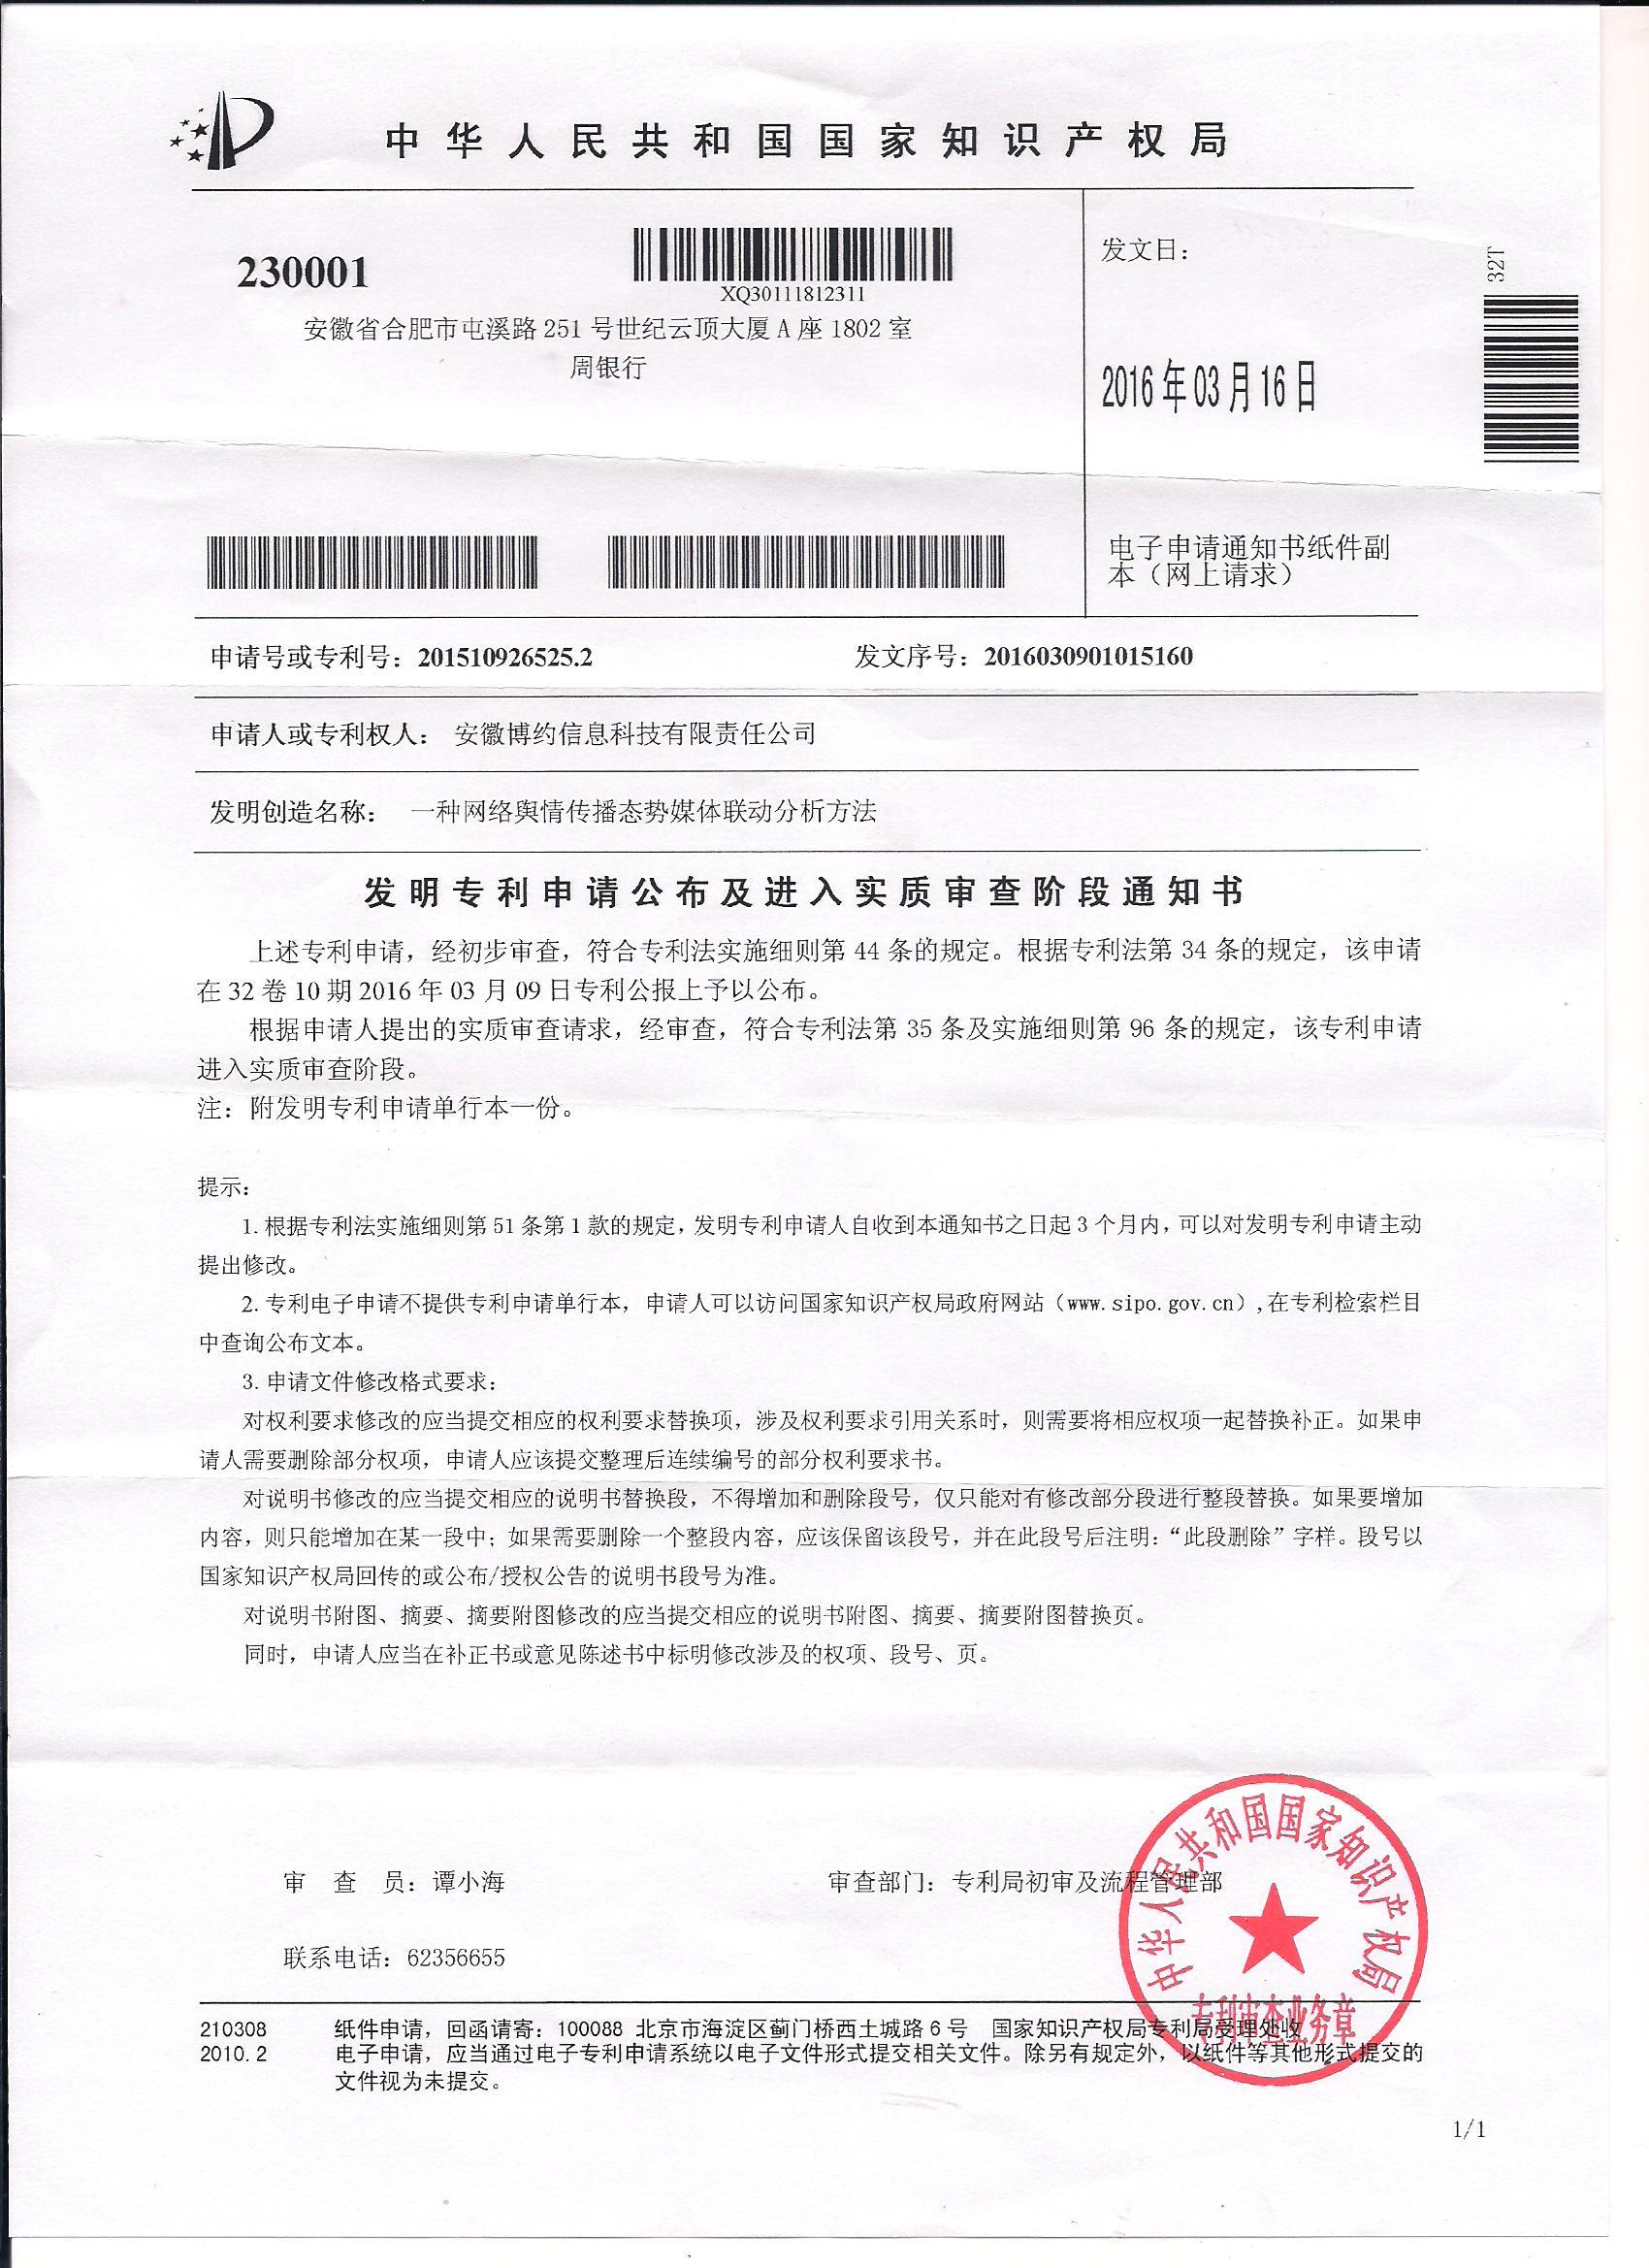 舆情传播态势专利进入-实质审查通知书